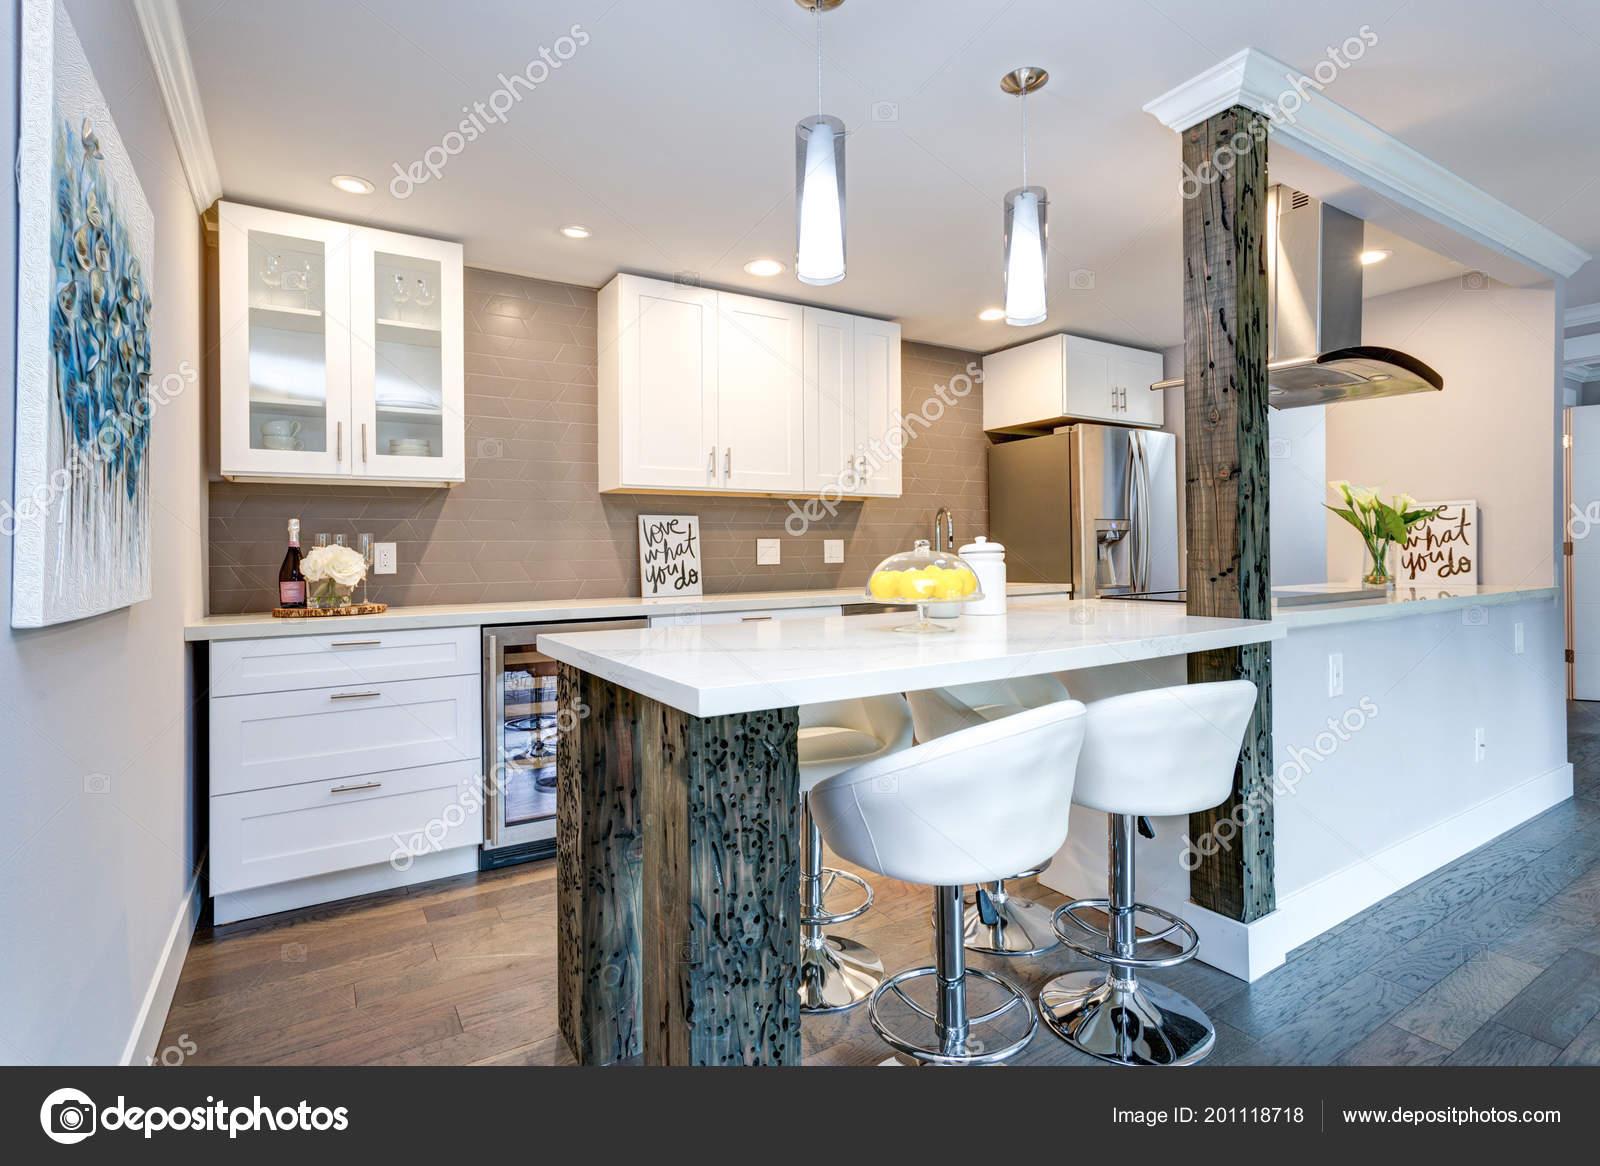 Keuken Witte Kleine : Witte kleine keuken met roestvrijstalen apparaten modern appartement